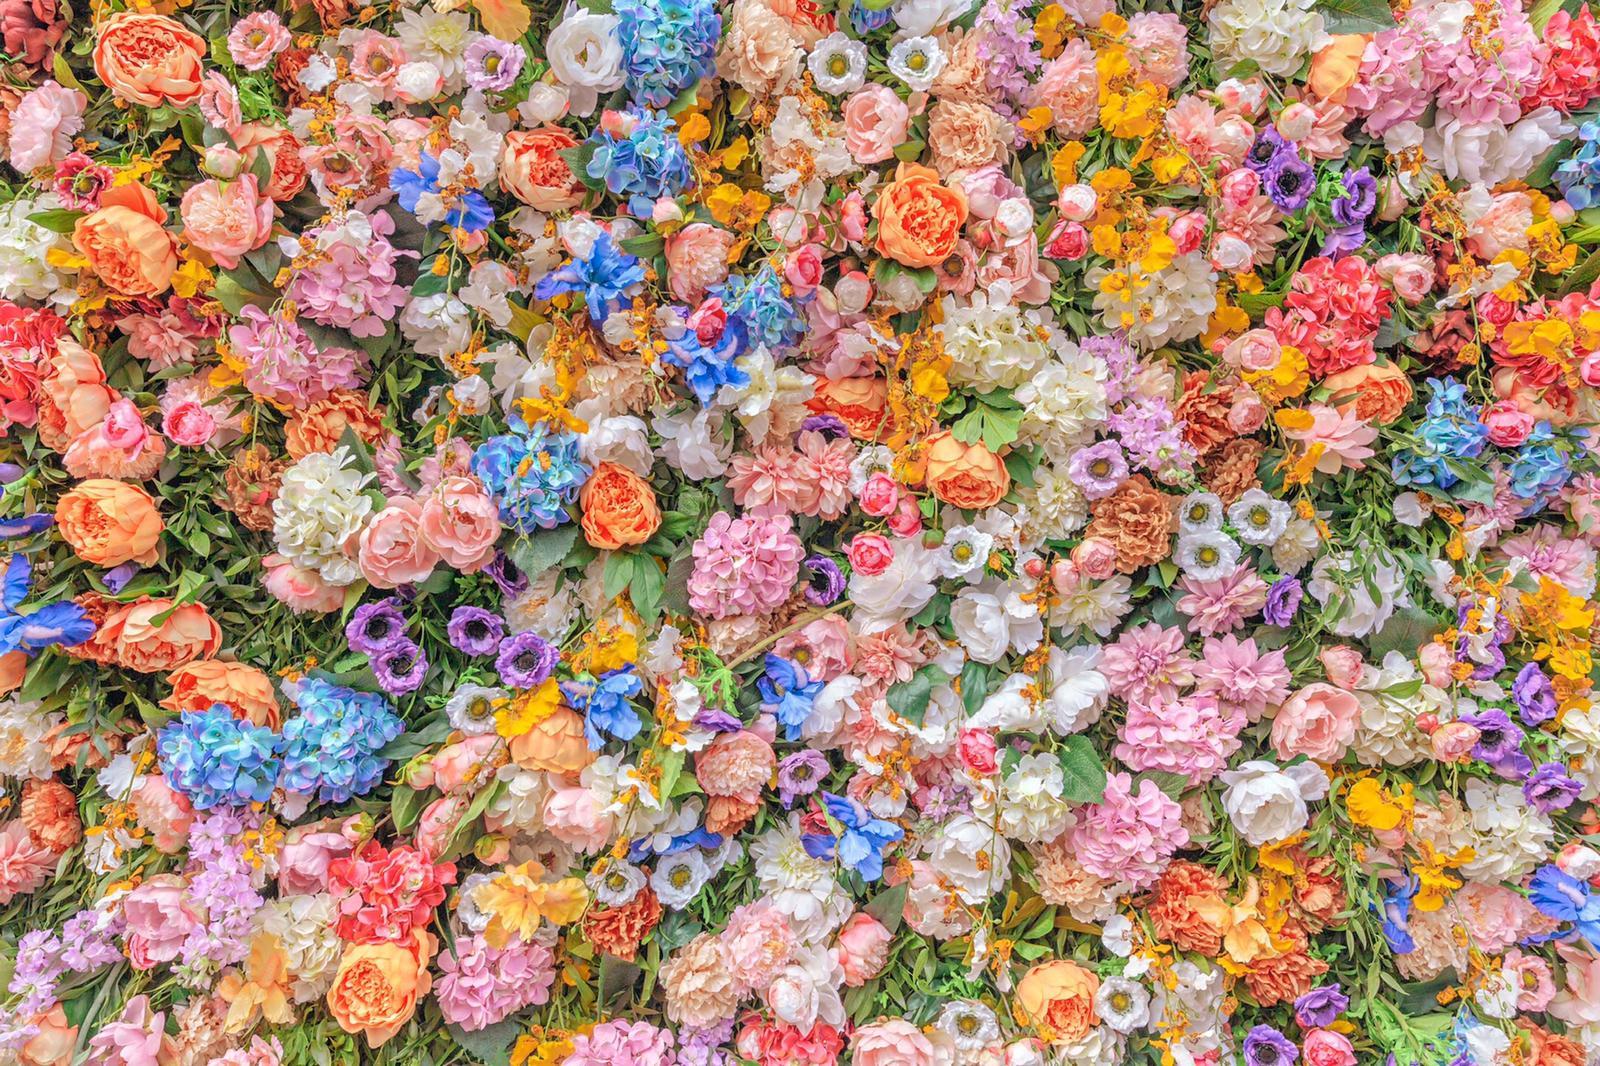 Flowers in Milan